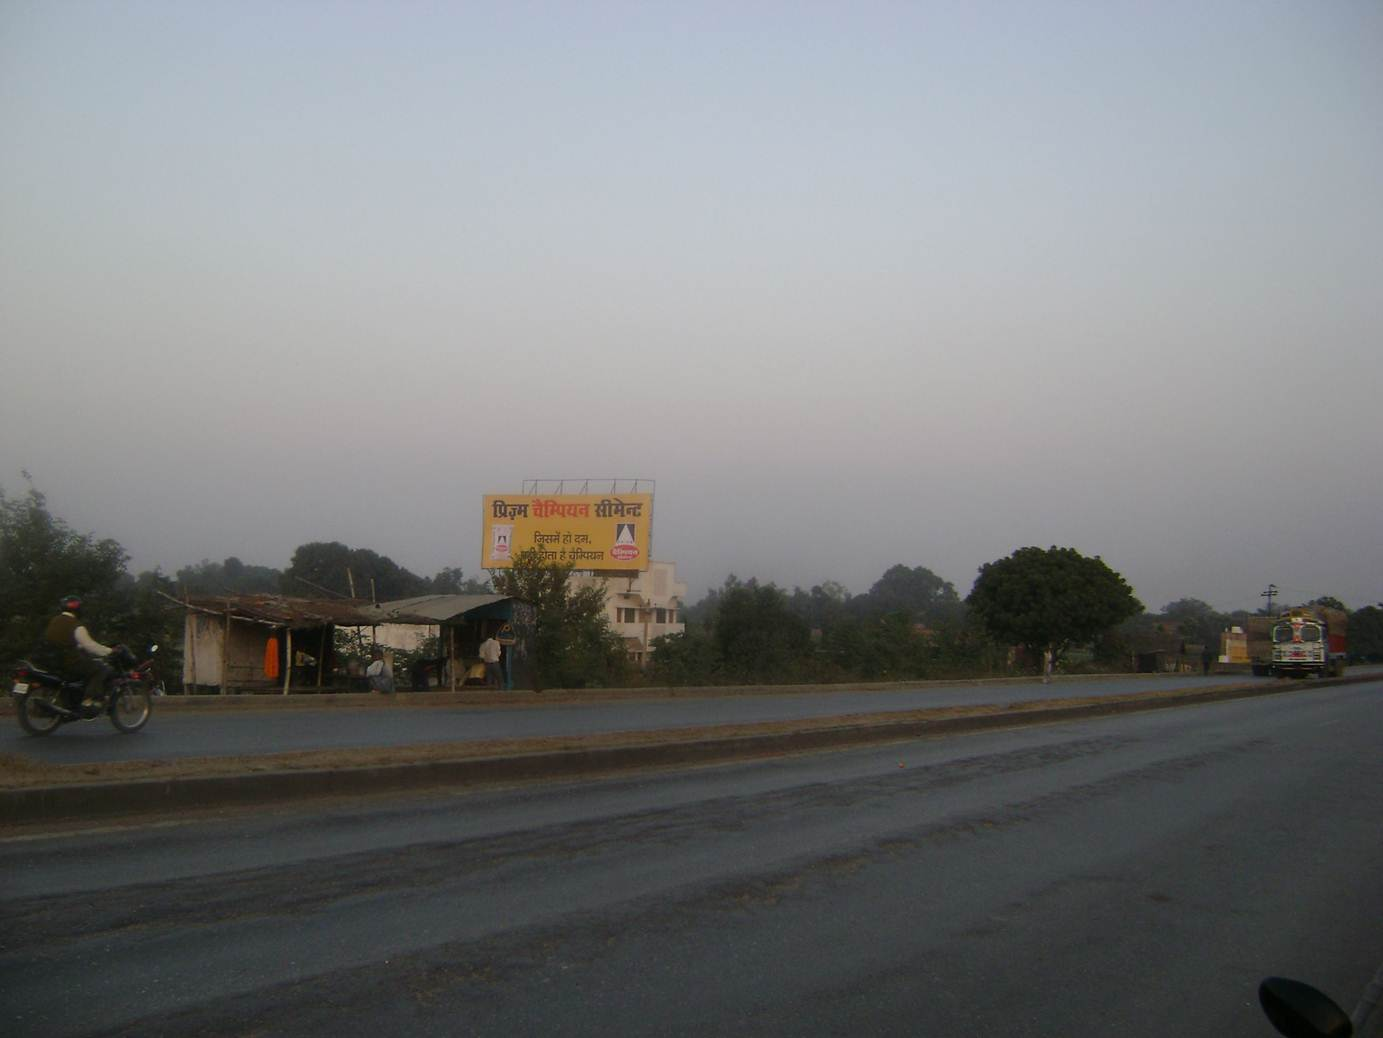 Mohansarai, Varanasi